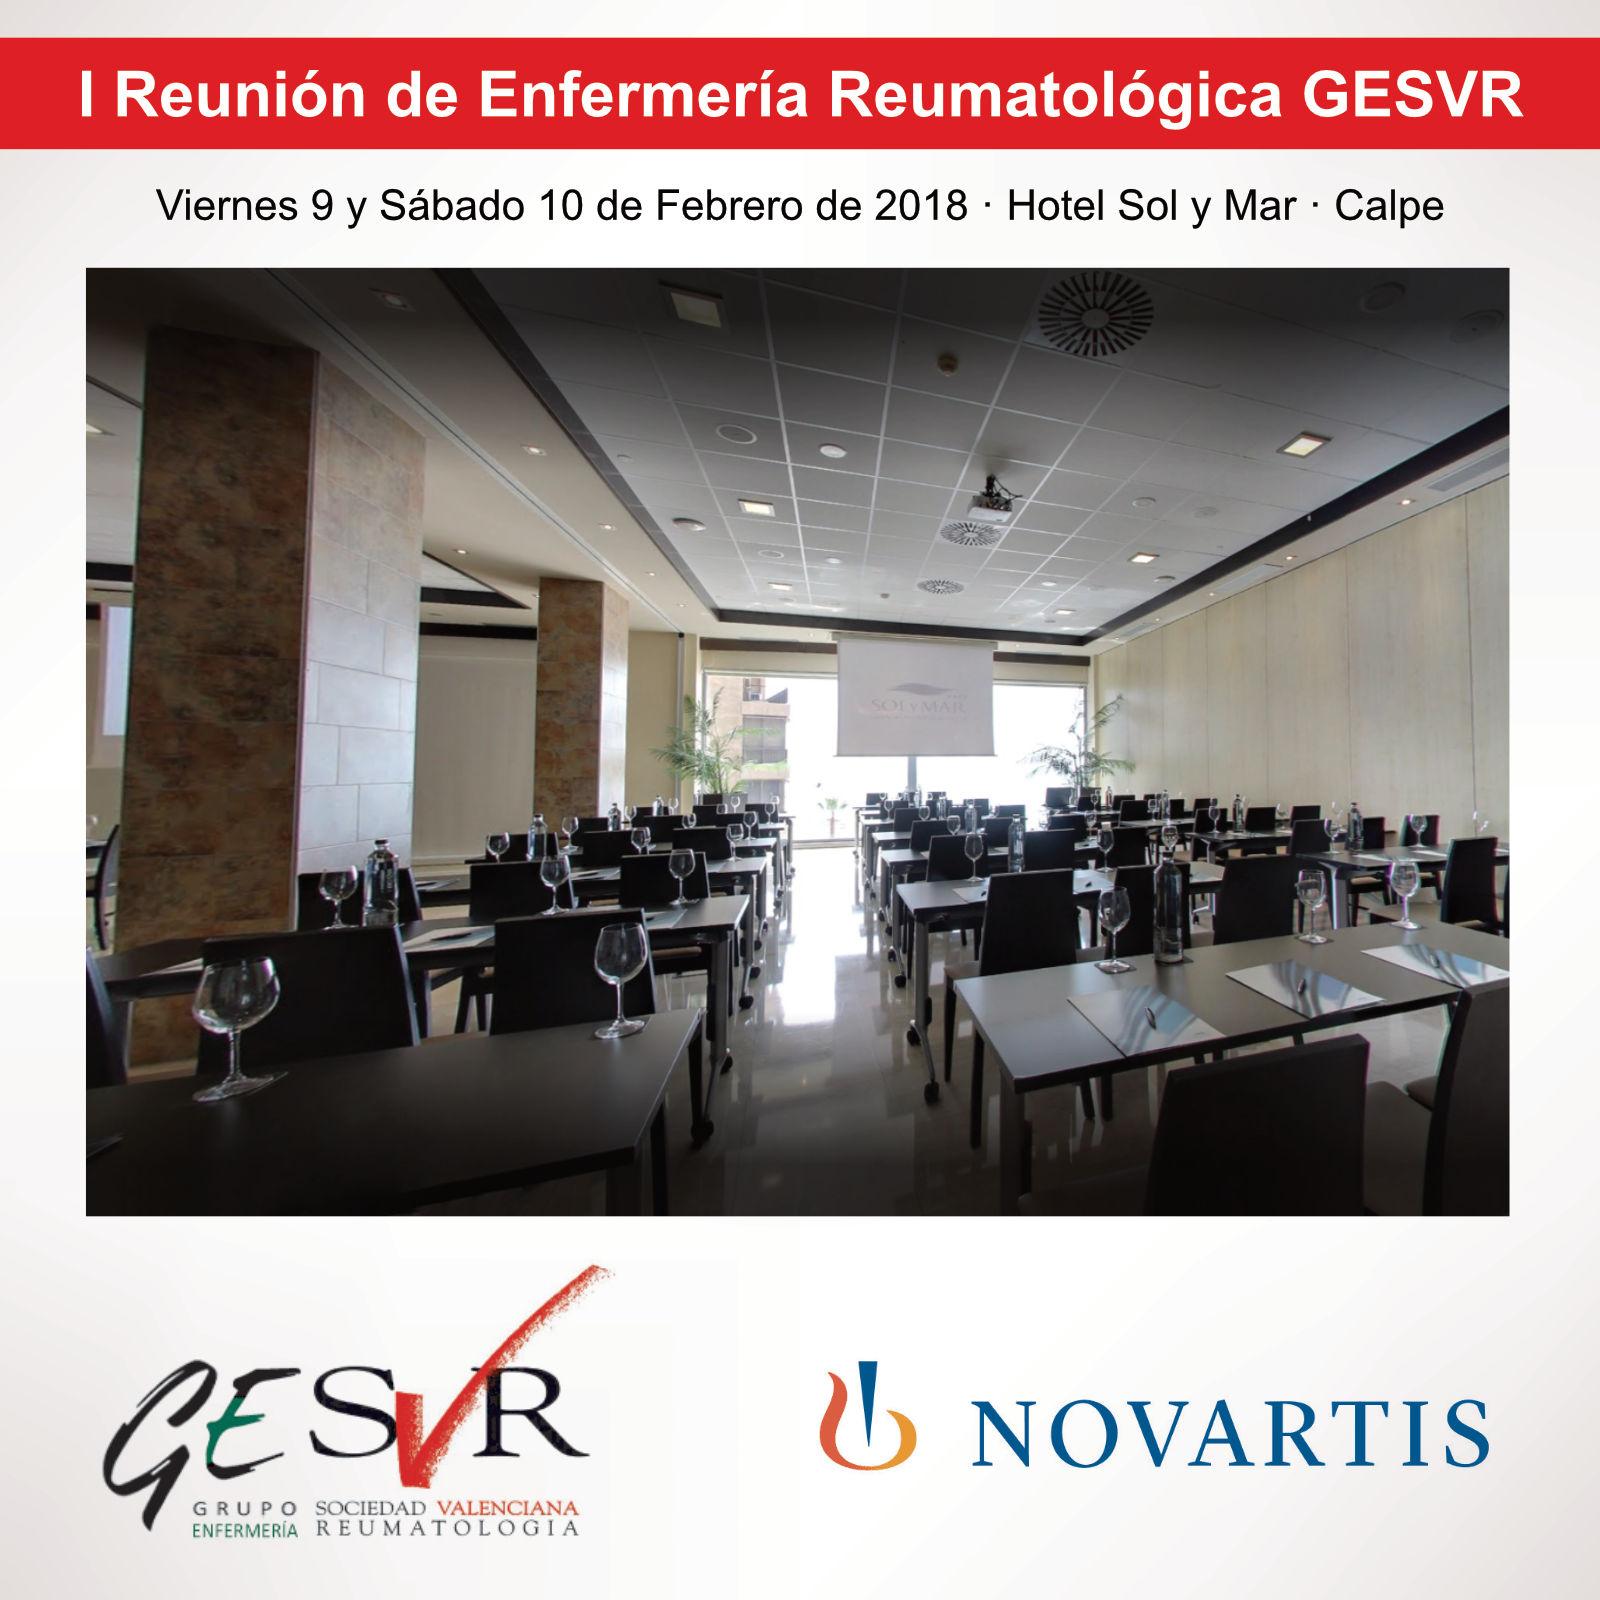 I Reunión de Enfermería Reumatológica GESVR